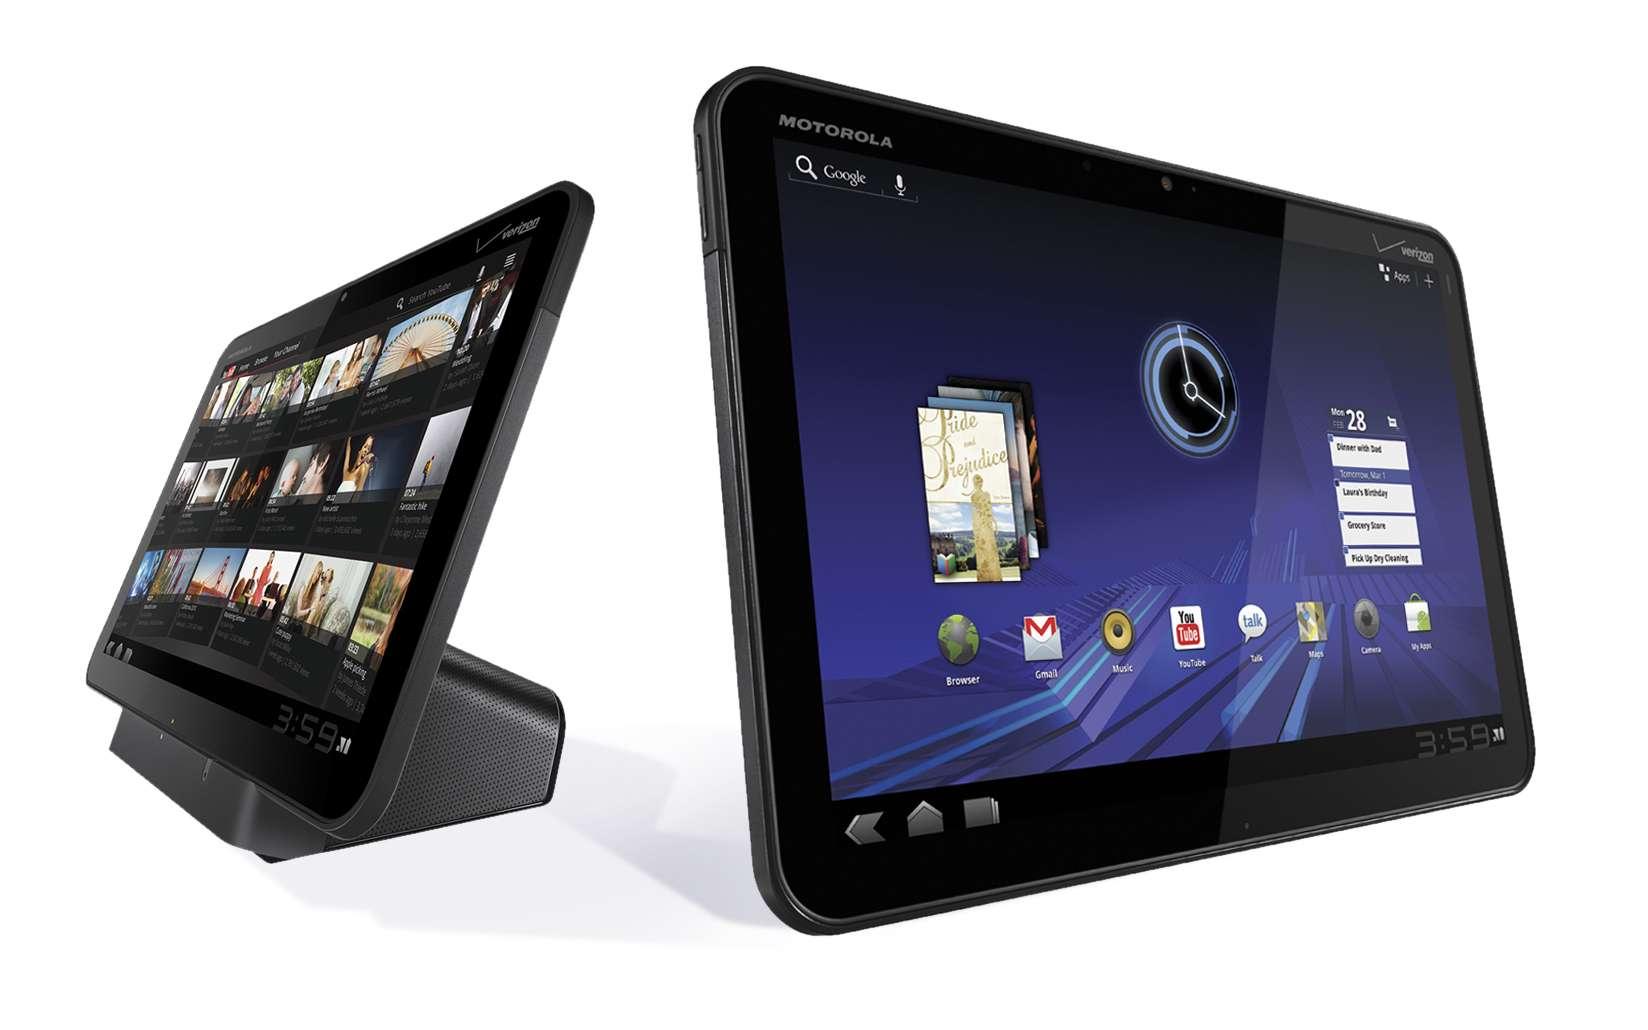 La tablette Xoom, de Motorola, au style épuré, peut être posée sur un socle. © Motorola